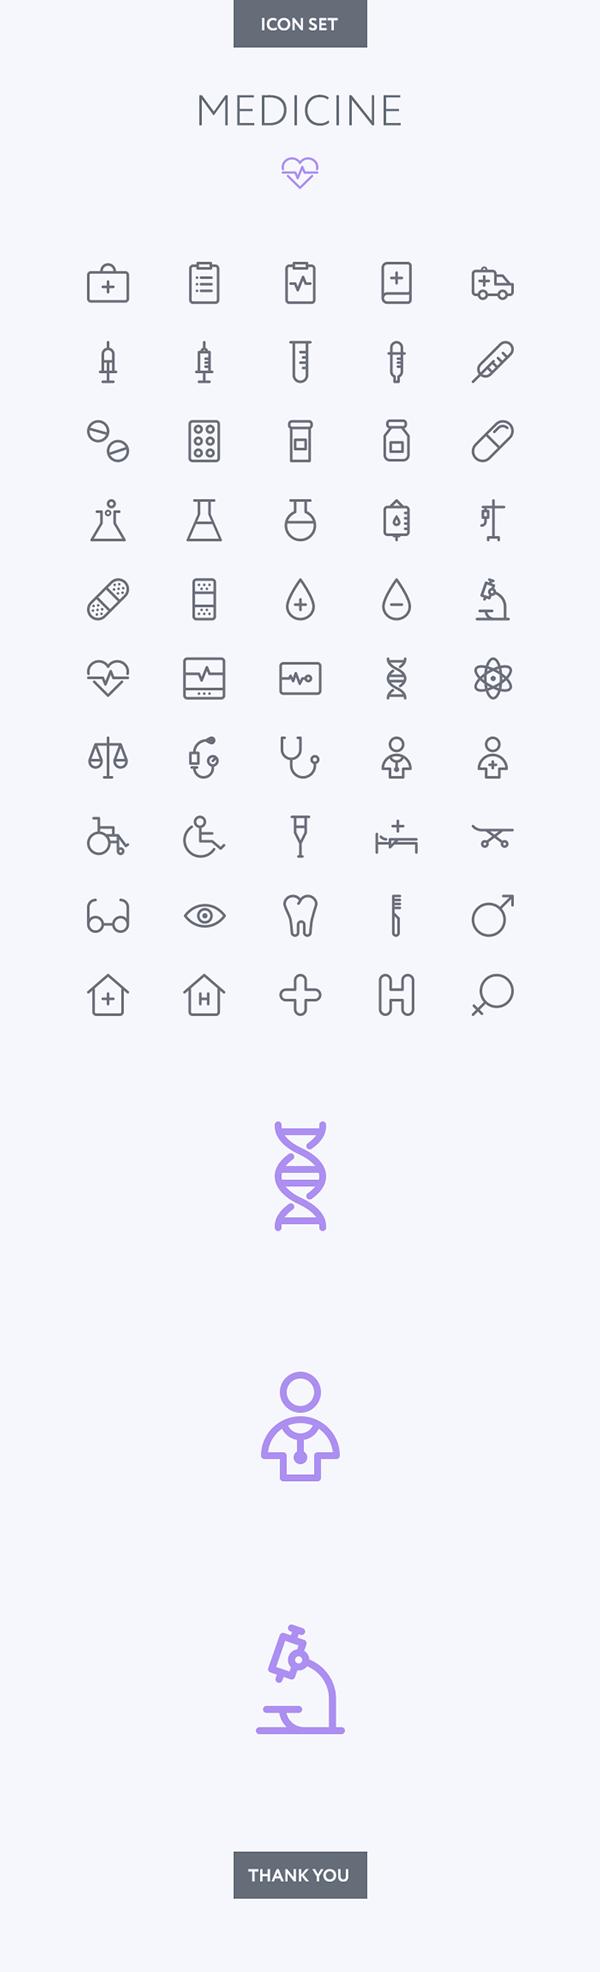 Medical icon set on Behance